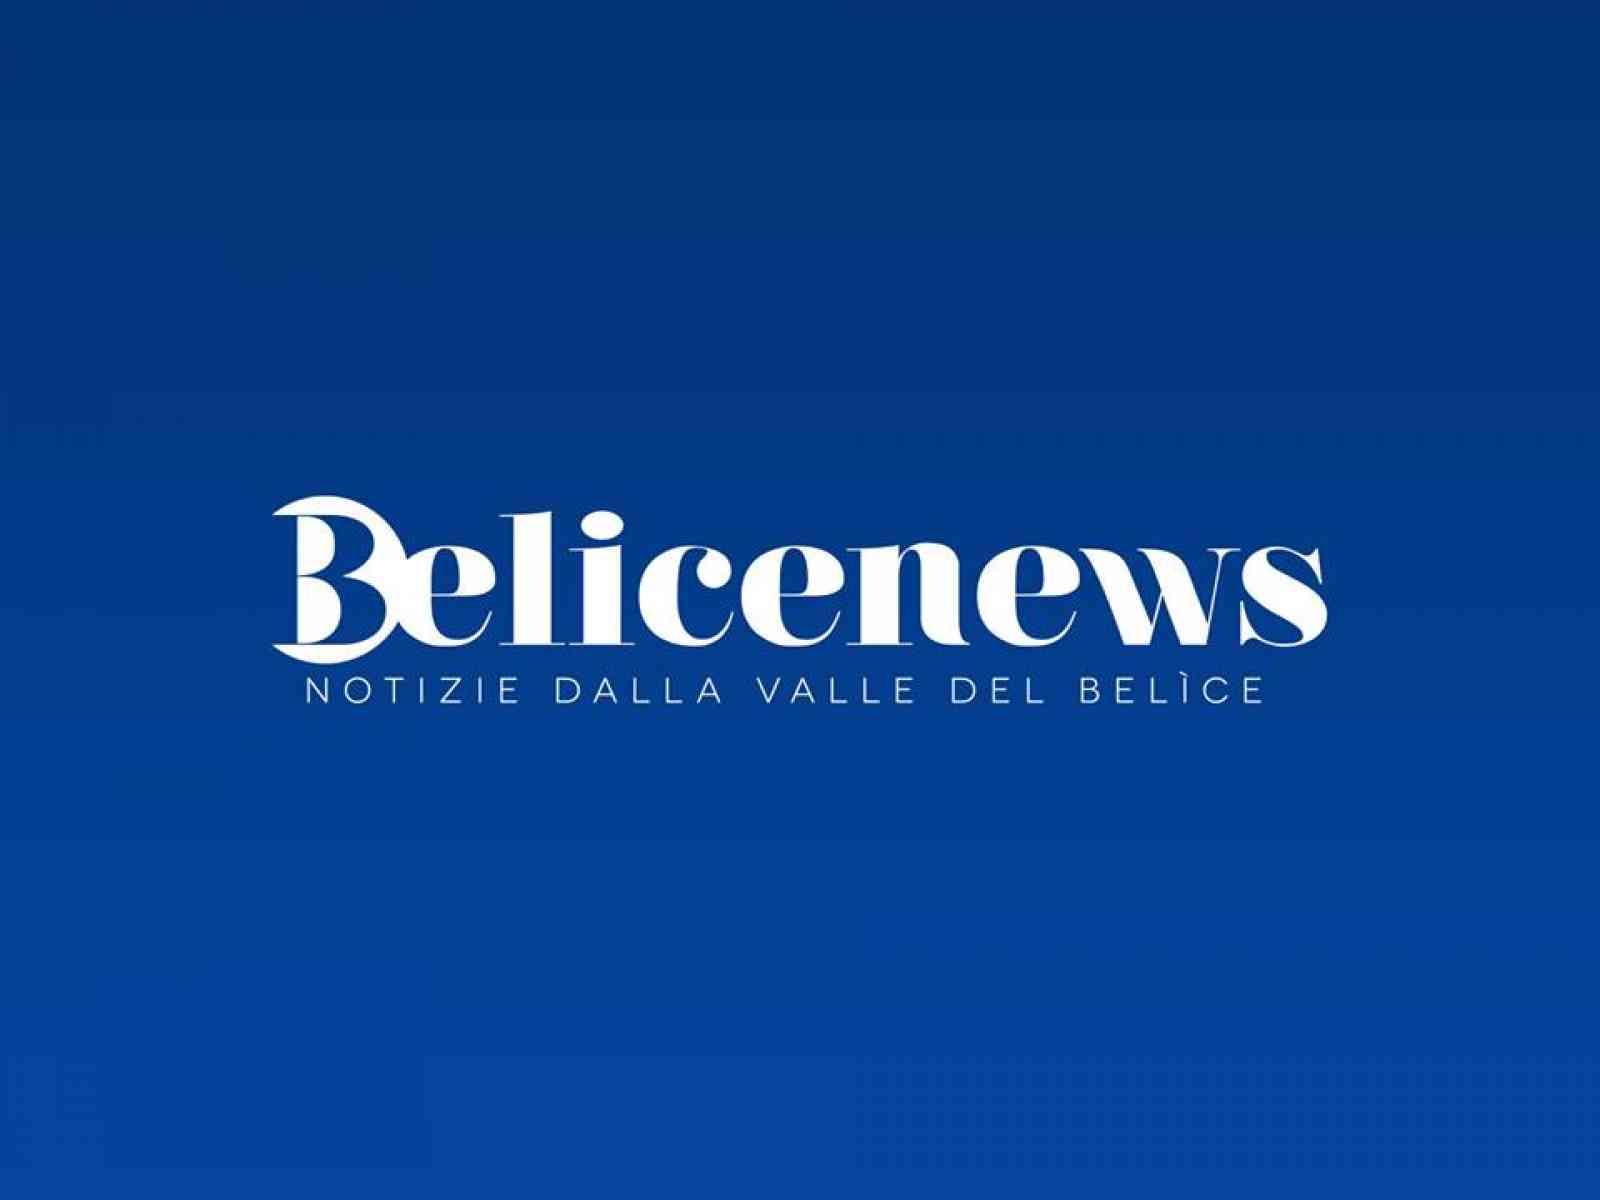 Immagine articolo: Vuoi scrivere per Belicenews.it? Ecco come fare per diventare un collaboratore